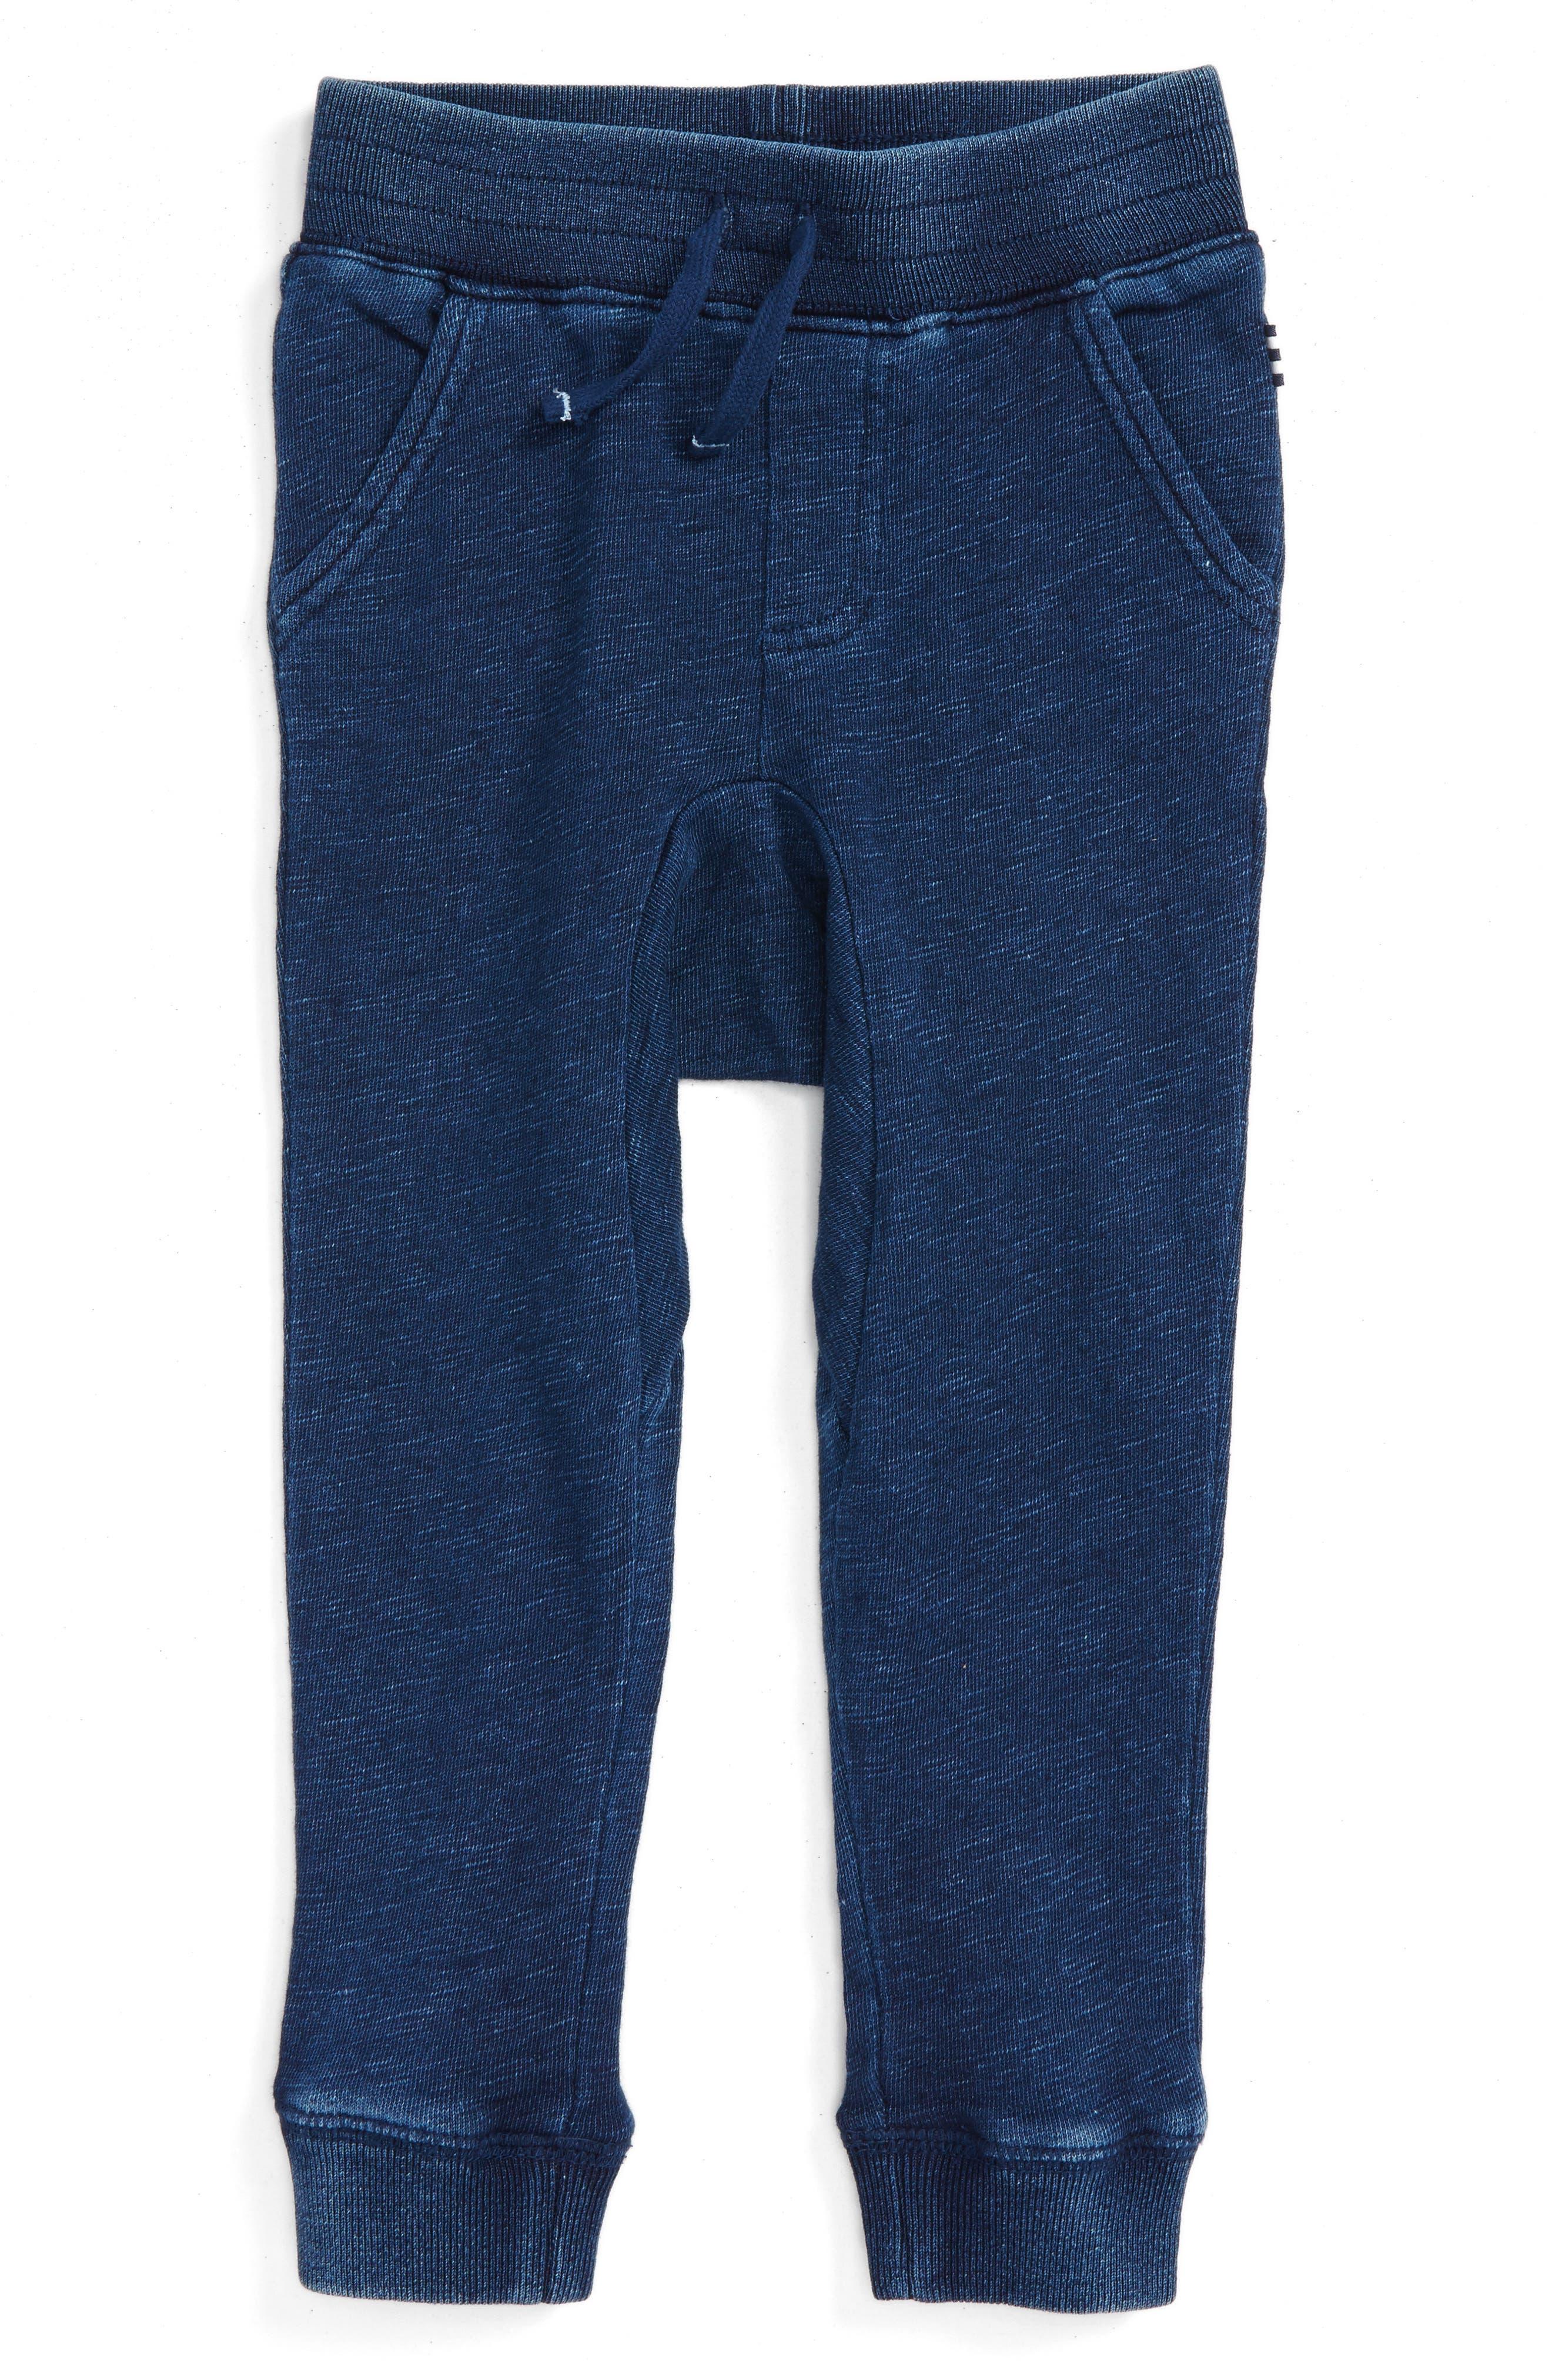 Double Knit Jogger Pants,                         Main,                         color, 400